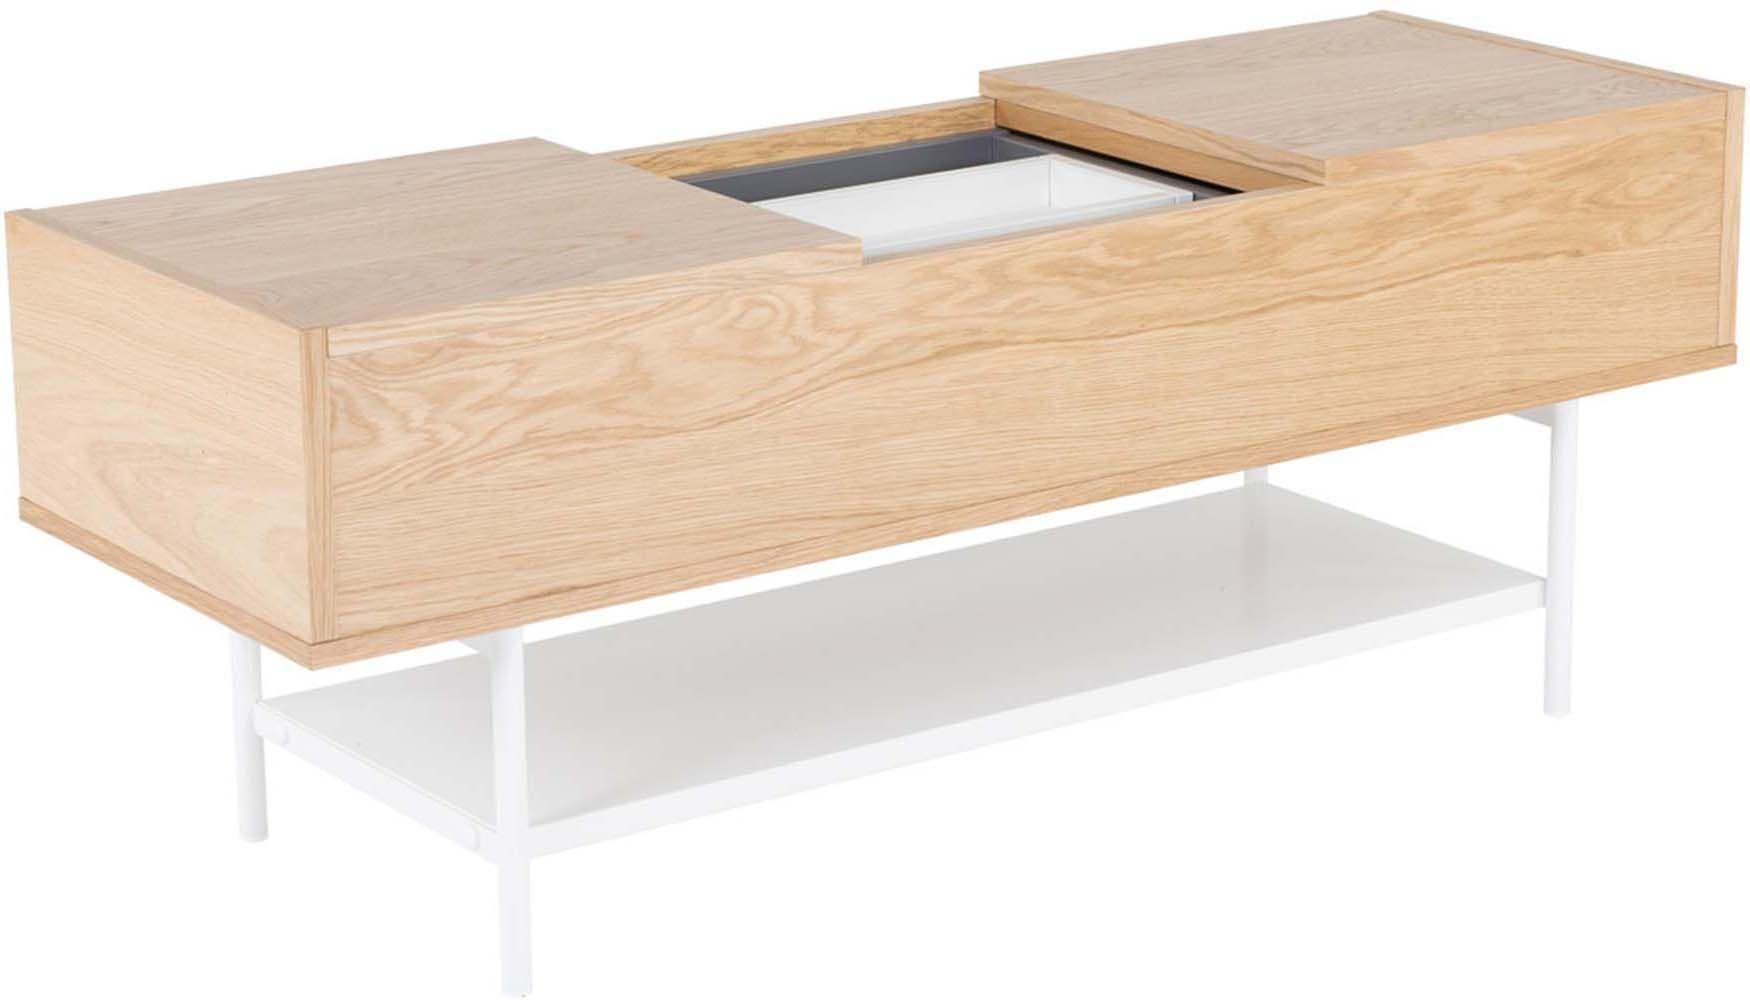 table basse plaqu ch ne naturel et blanc laqu ebay. Black Bedroom Furniture Sets. Home Design Ideas